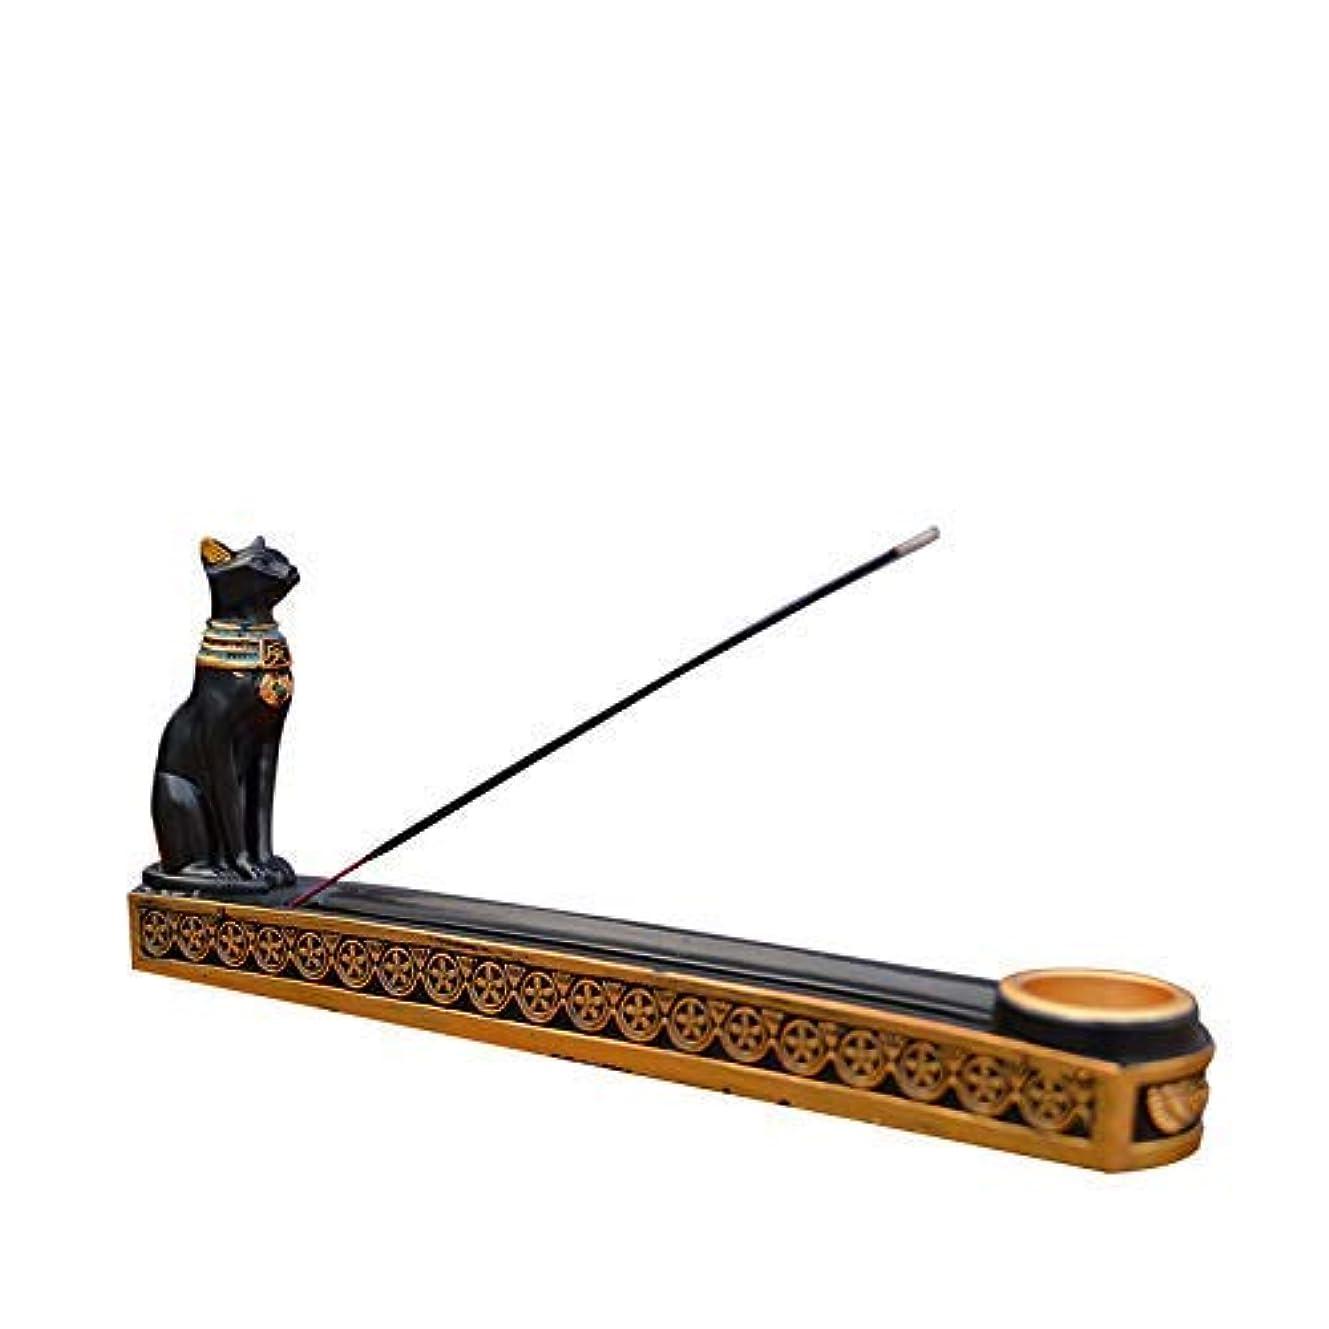 とまり木トランジスタ虎tonntyann 横置き お香立て ボックス 猫 寝かせ スティックおしゃれ 線香立て お香 古代エジプト風 バステト神 アロマ お香 横置き ヒエログリフ ネ